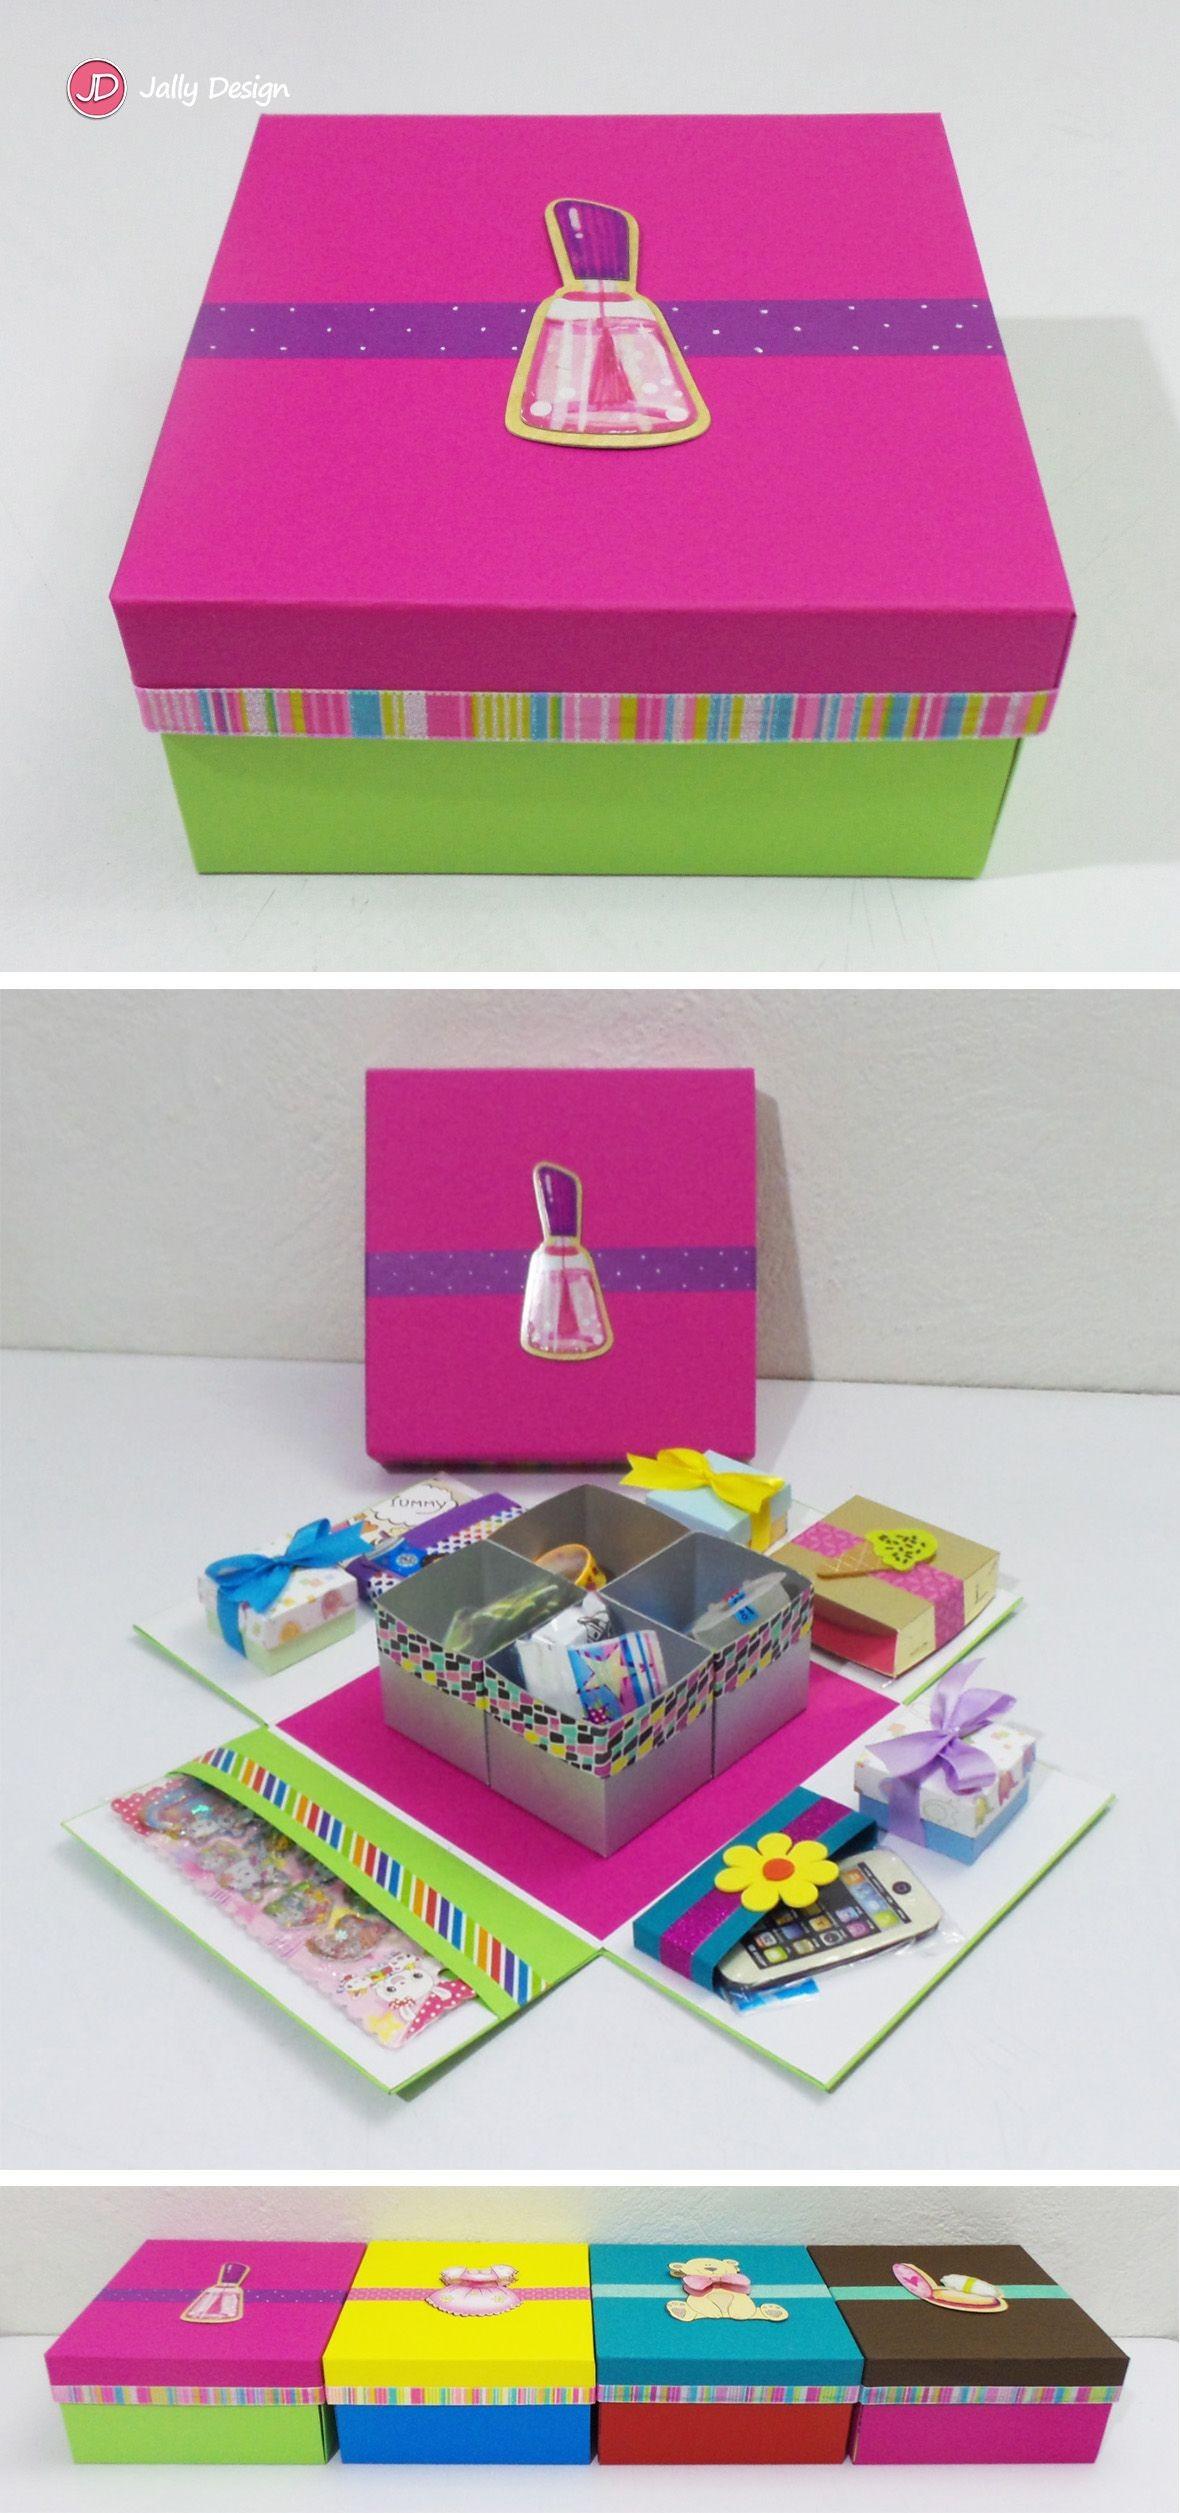 Calendario 3d Para Imprimir Y Armar Dodecaedro Más Recientes Caja Scrapbook Mini Kit De Papelera Rosa Y Verde Lim³n